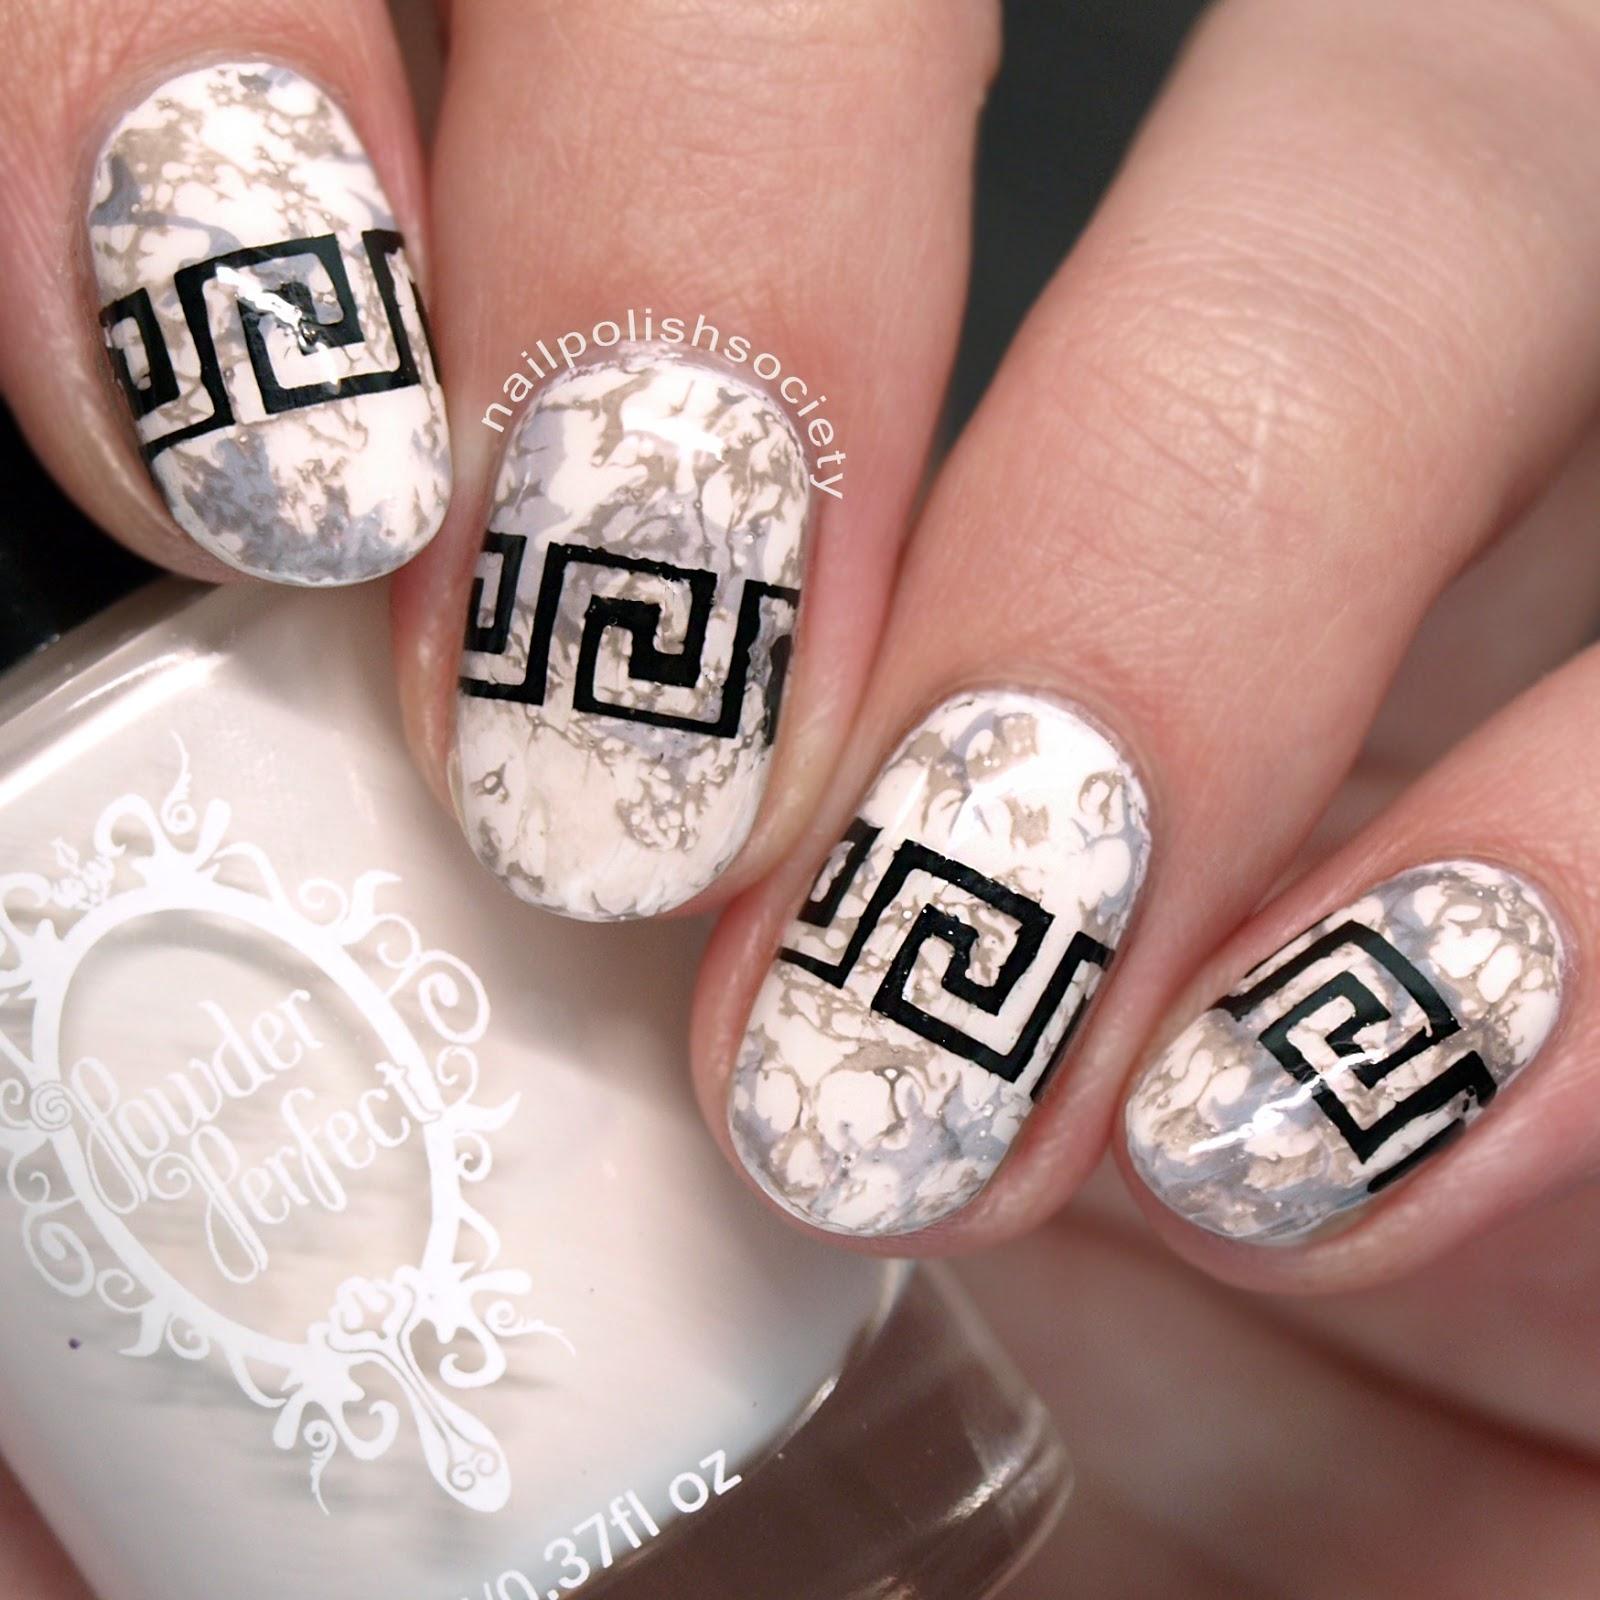 Nail Polish Society 31dc2016 Day 7 Greek Marble